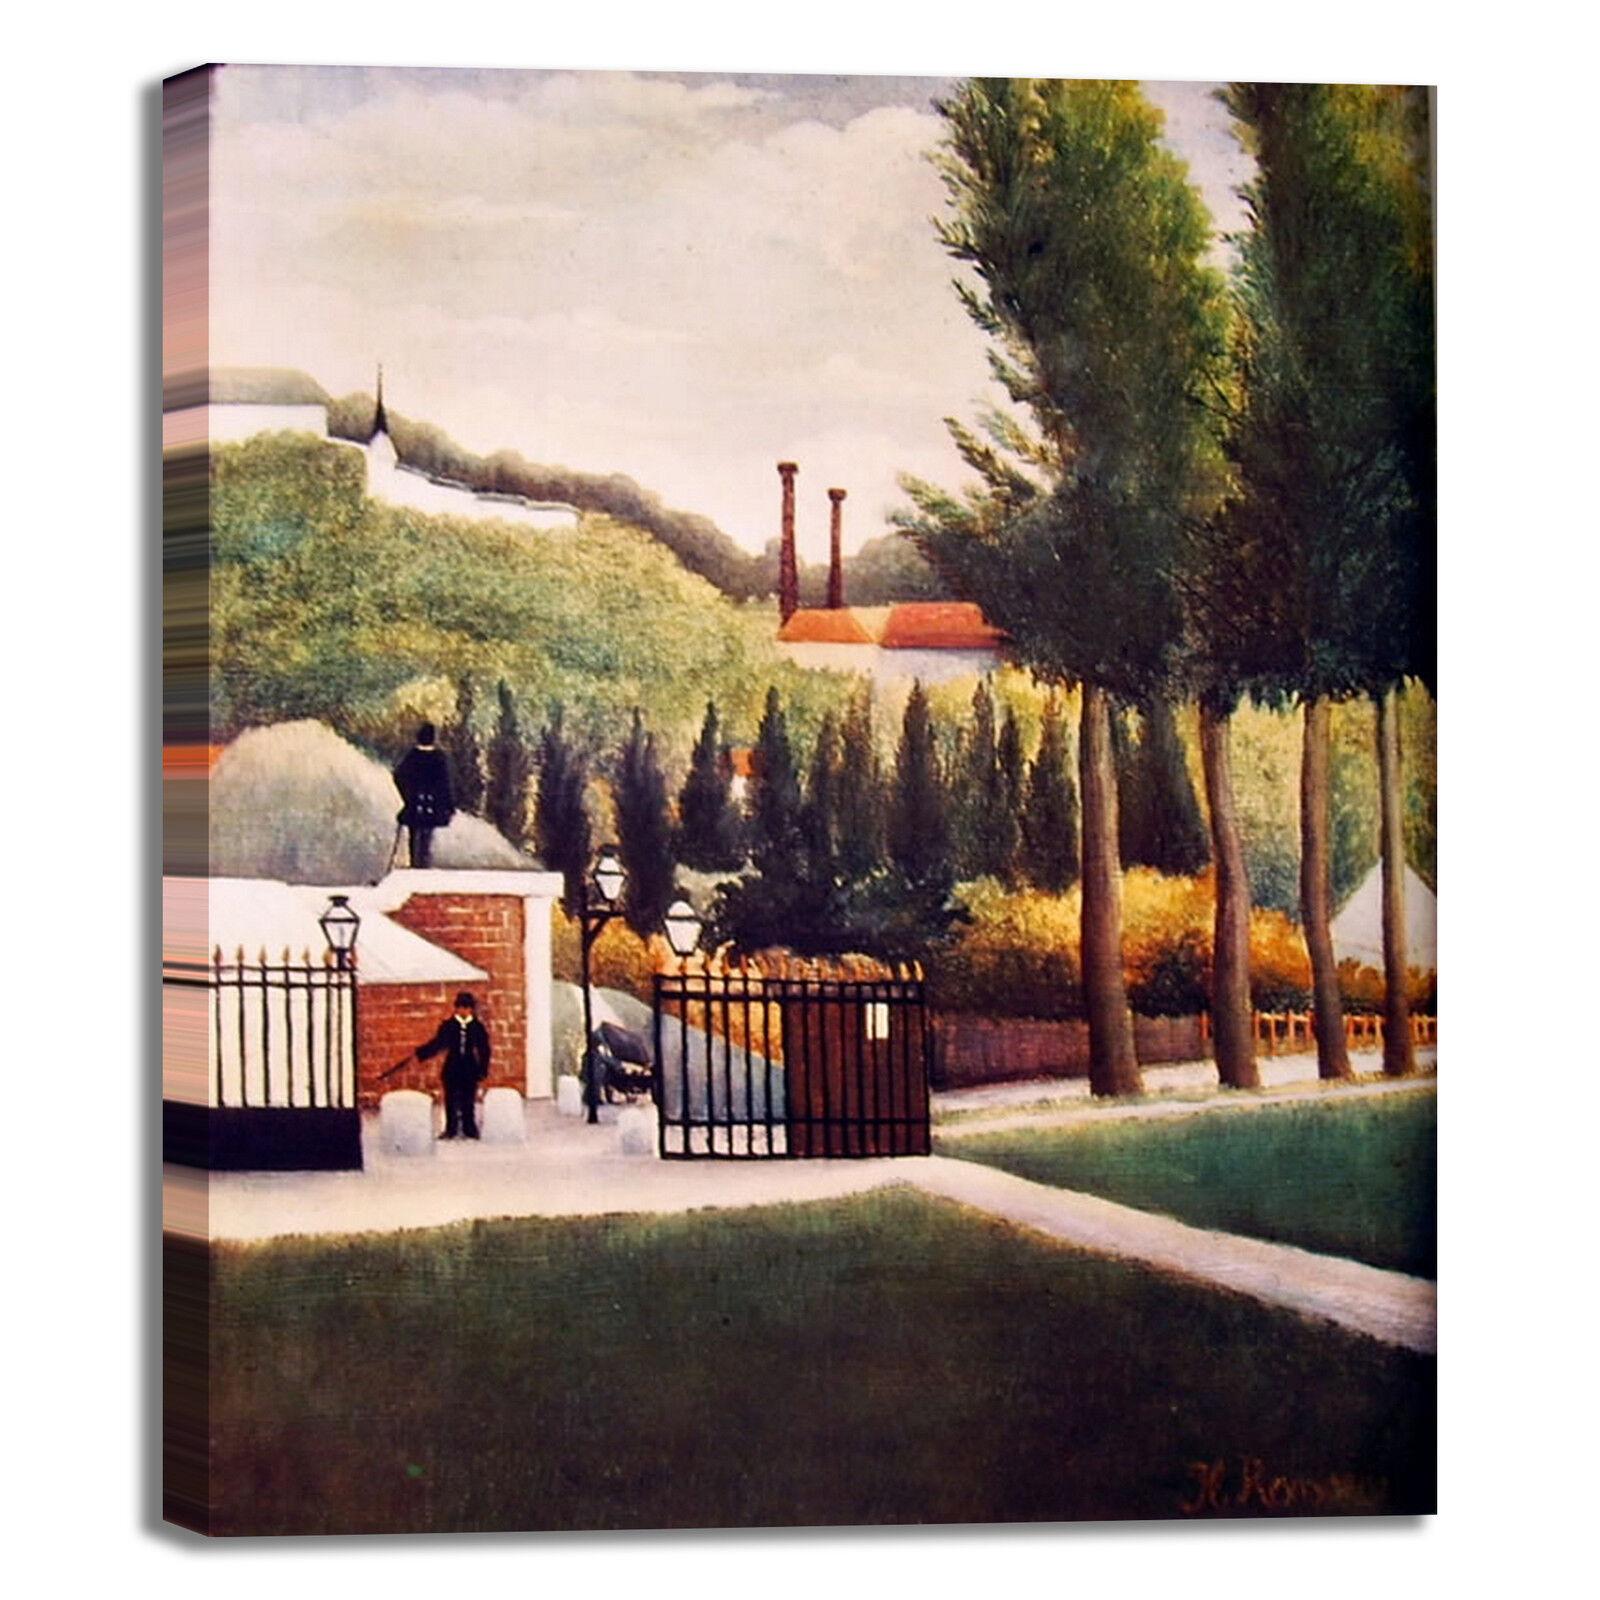 Rousseau casello daziario design quadro telaio stampa tela dipinto telaio quadro arRouge o casa c2926b